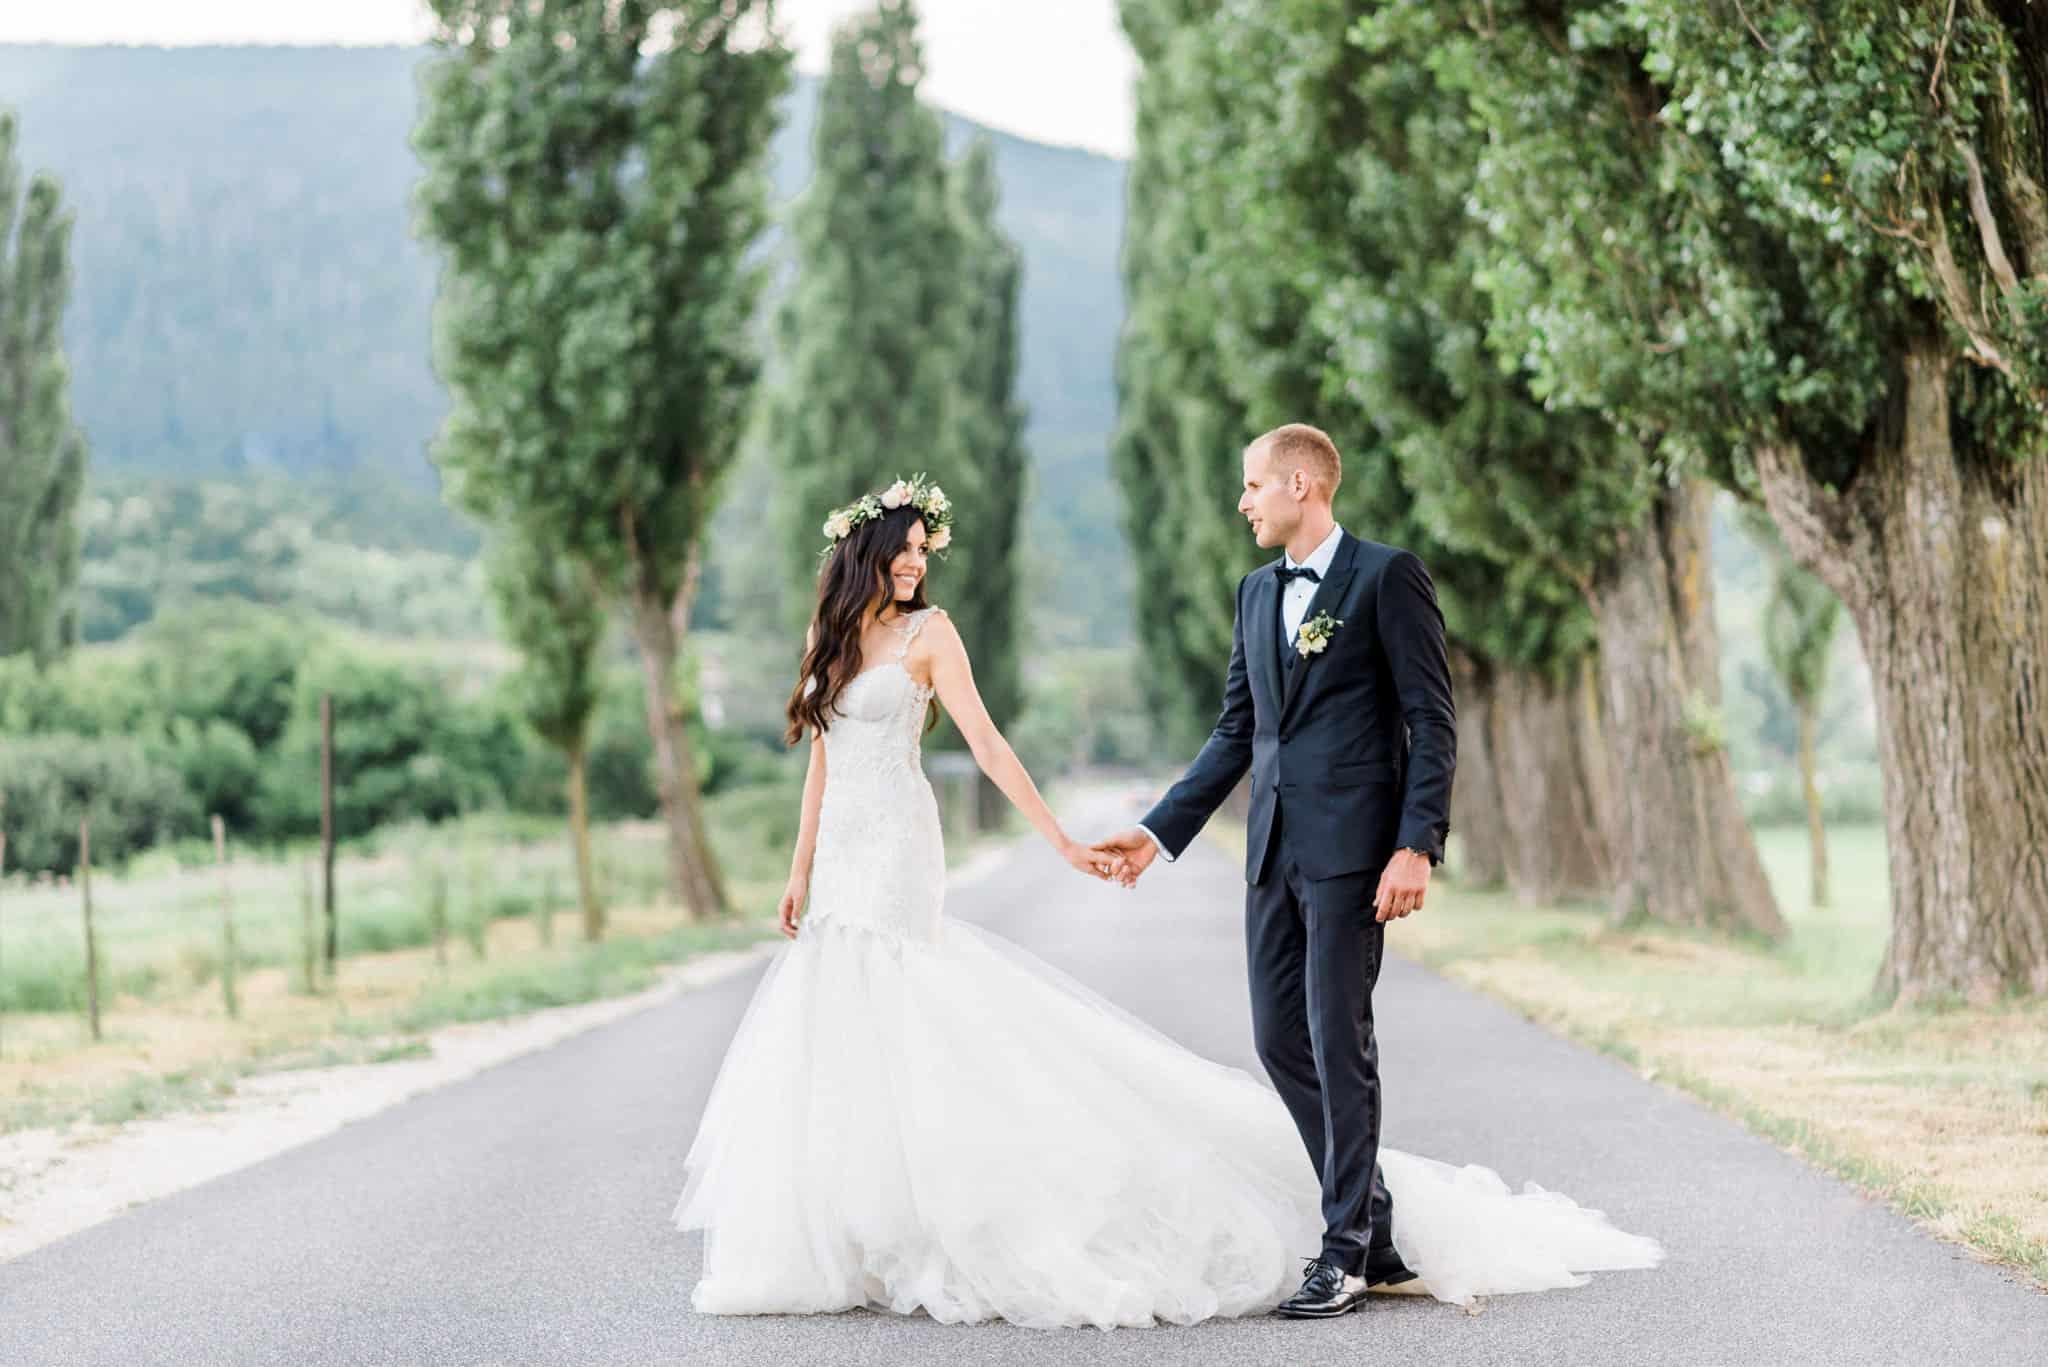 Wedoverhills_Prewedding_Tuscany_Wedding_Photographer_0039